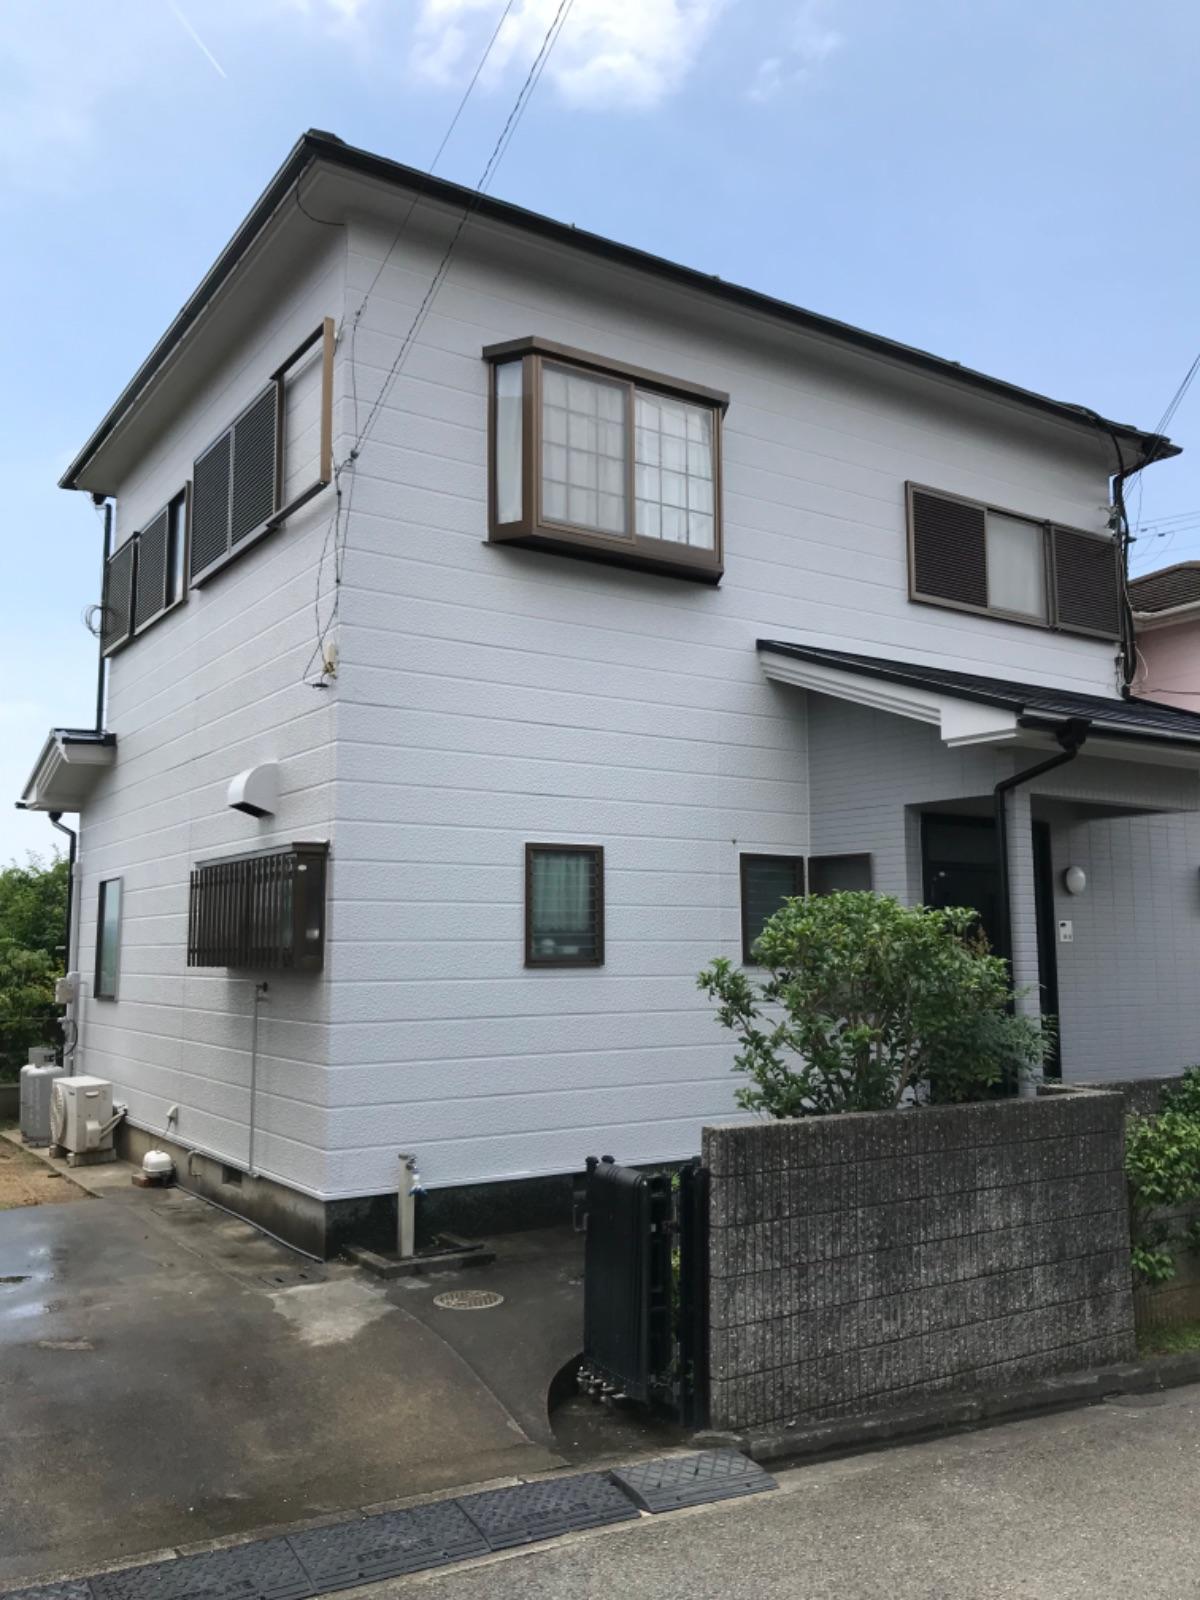 【和歌山市】T様邸<br>『ライトグレーの外壁と黒の屋根でエレガントな仕上がりに♪』2